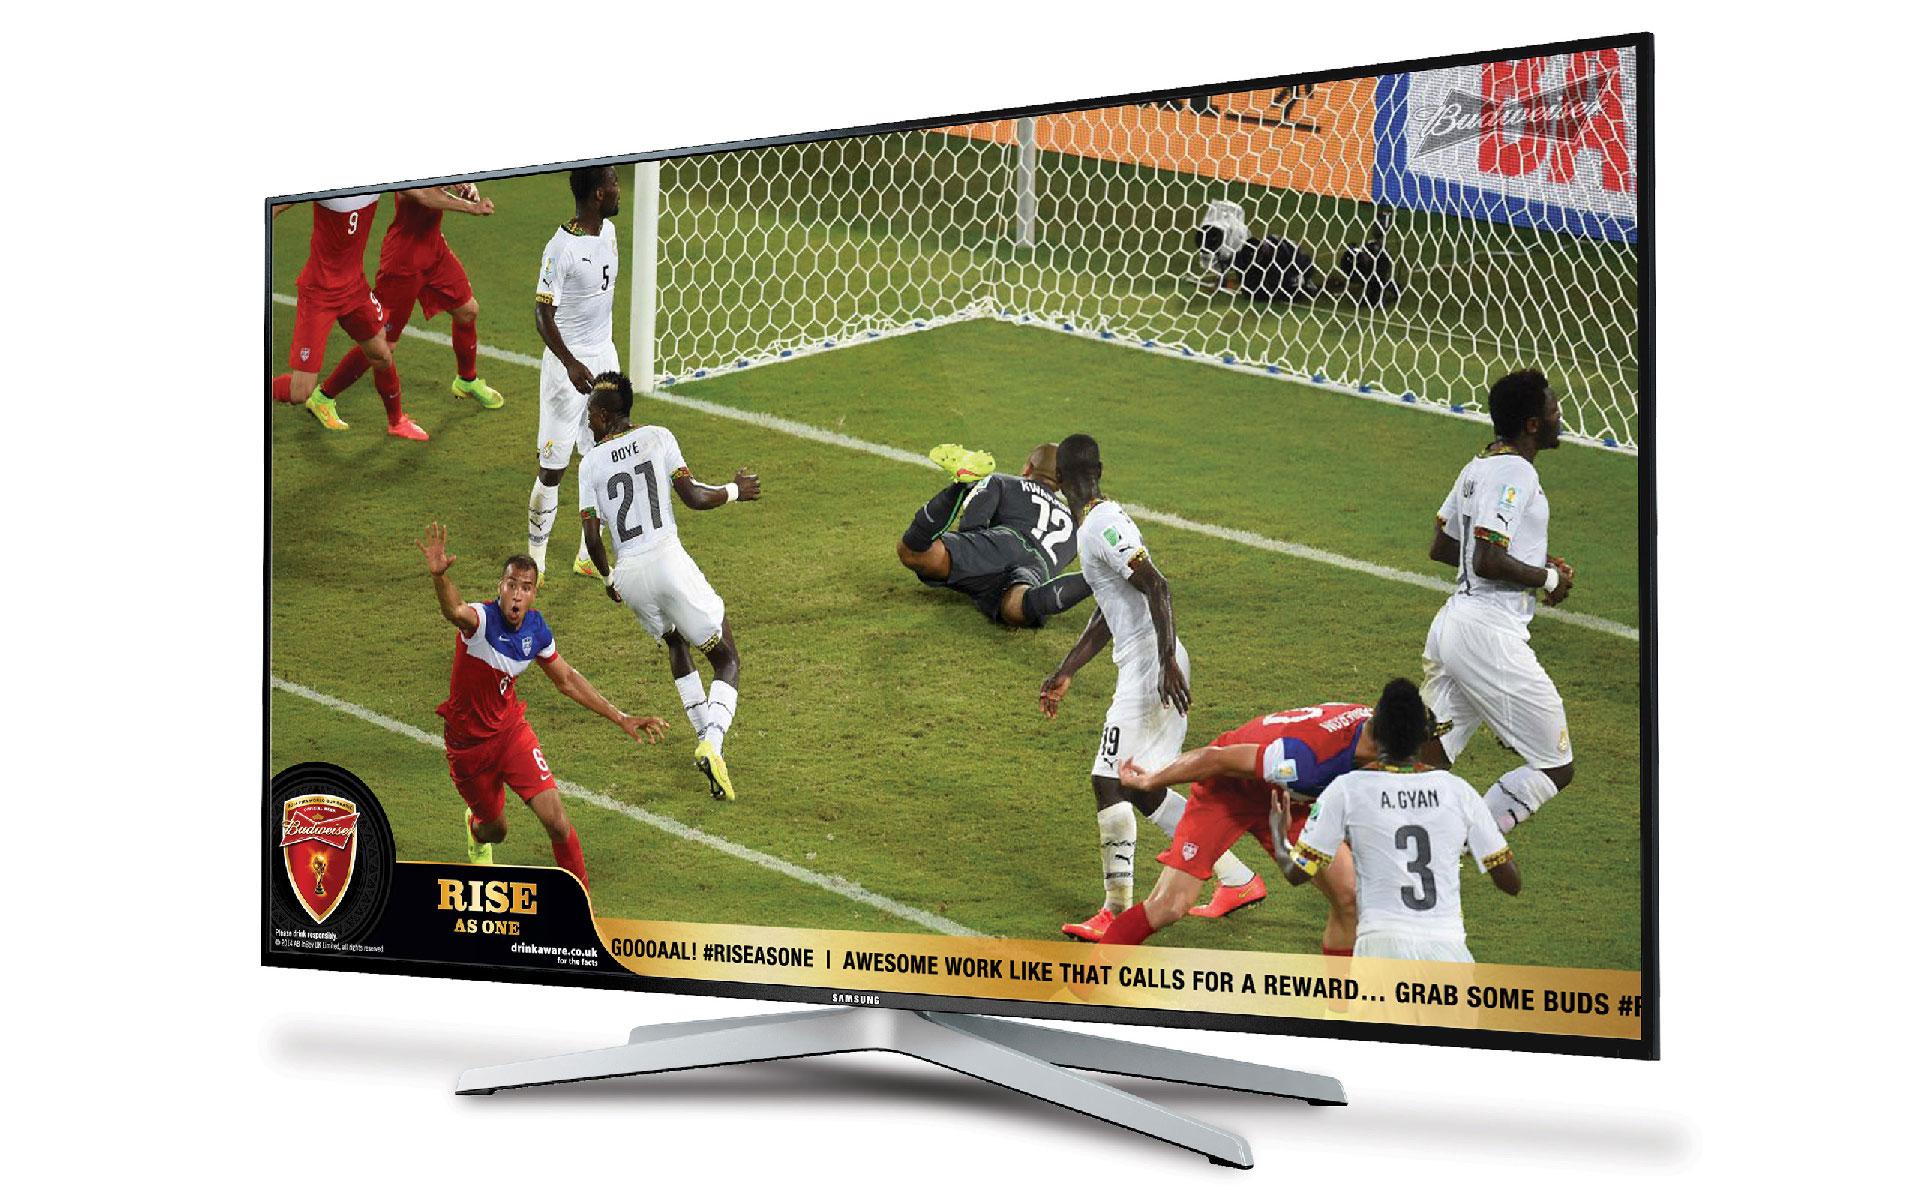 Budweiser - Smart TV (ticker tape)